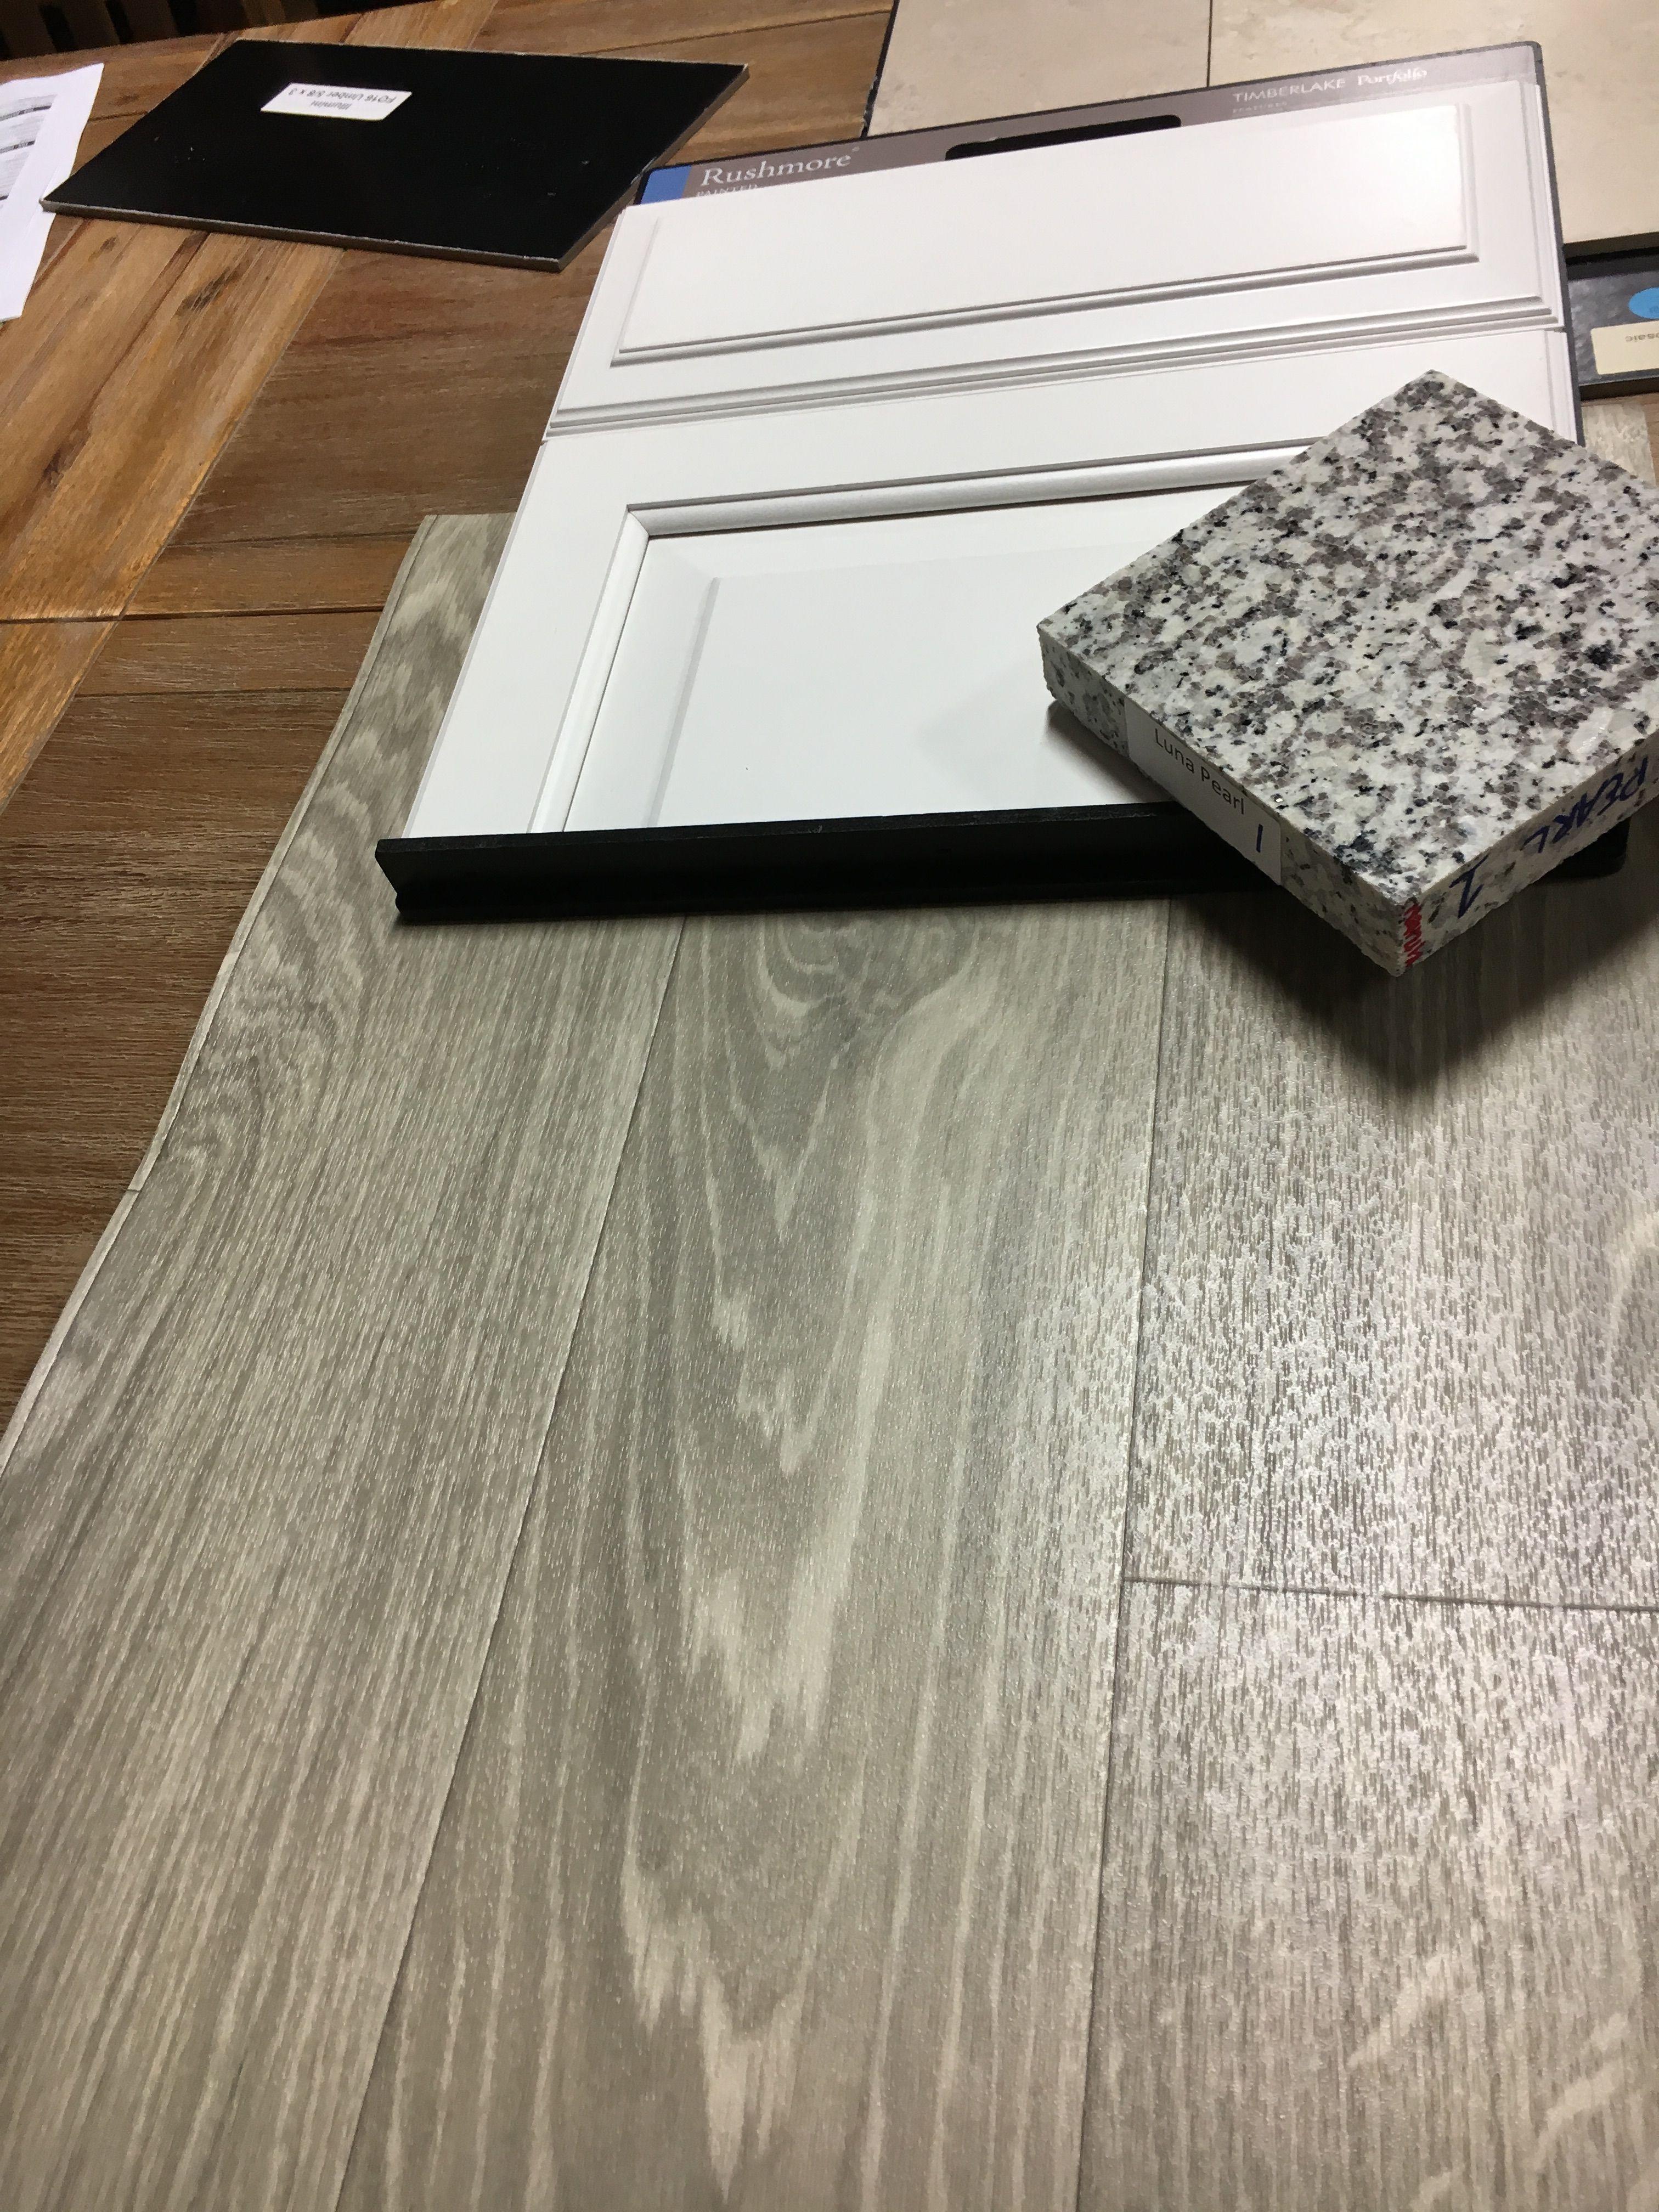 Luna Pearl Granite White Cabinets And Station Square